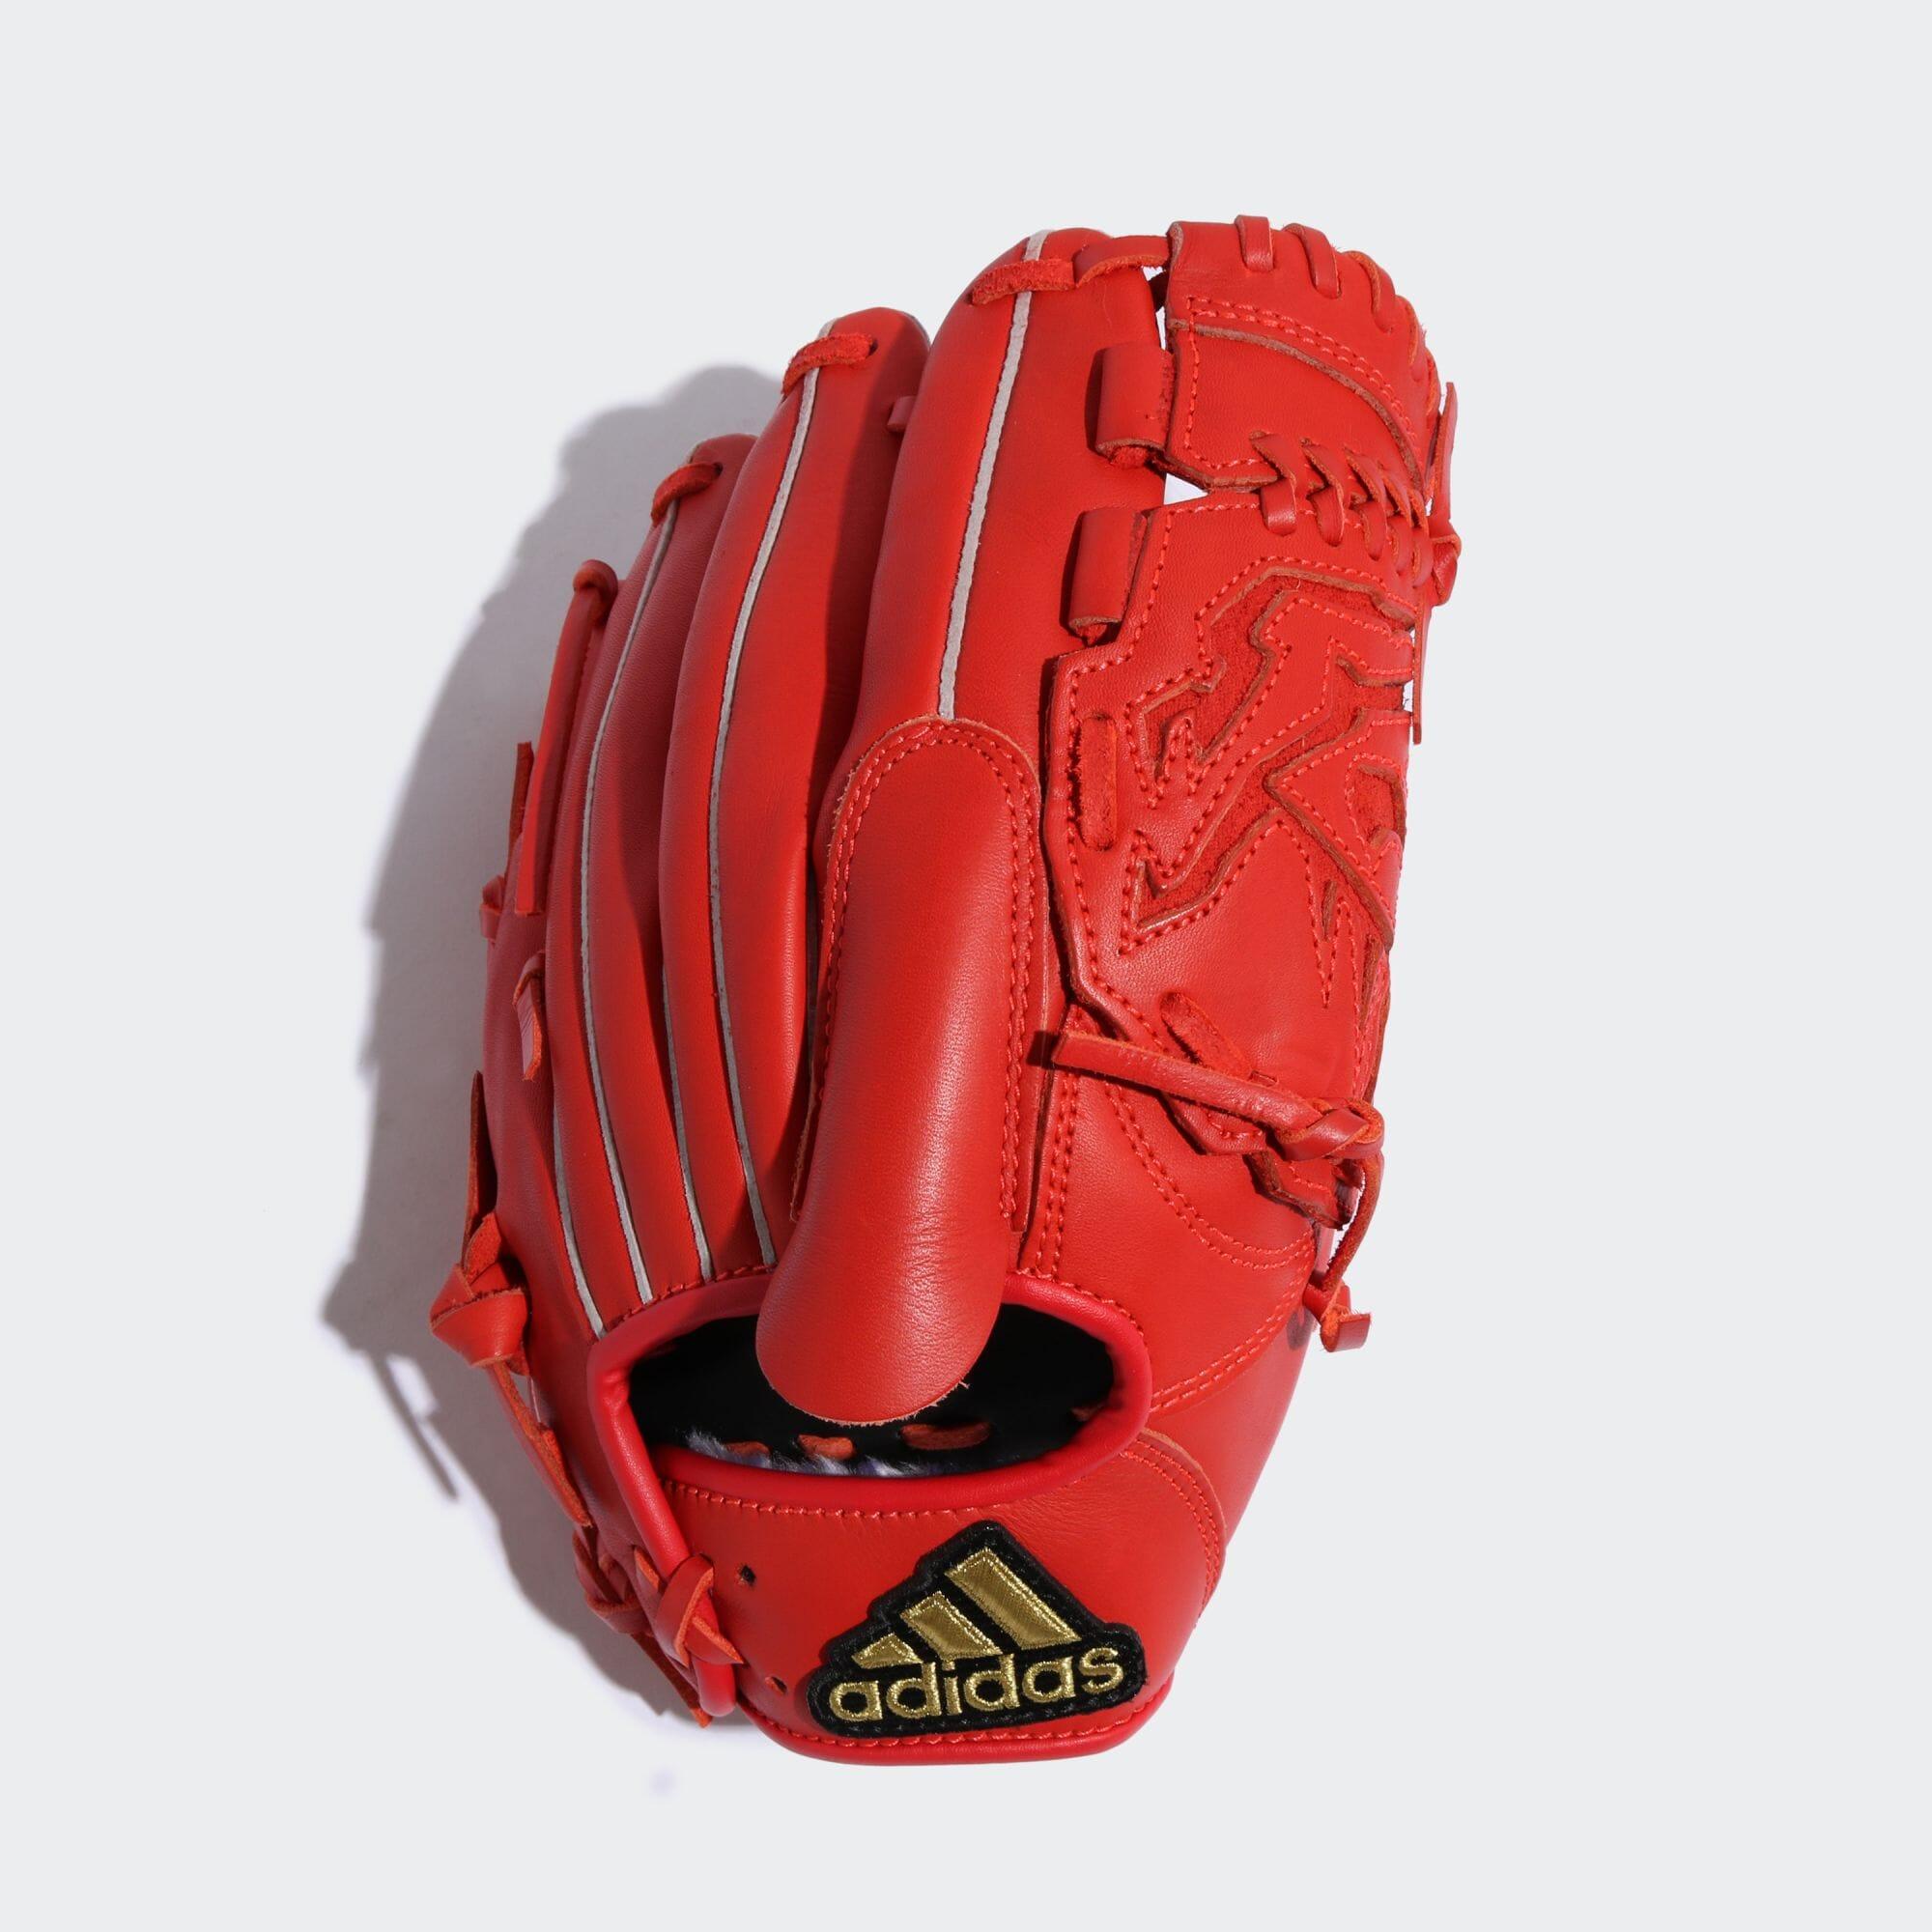 ベースボールグラブ / Baseball Glove